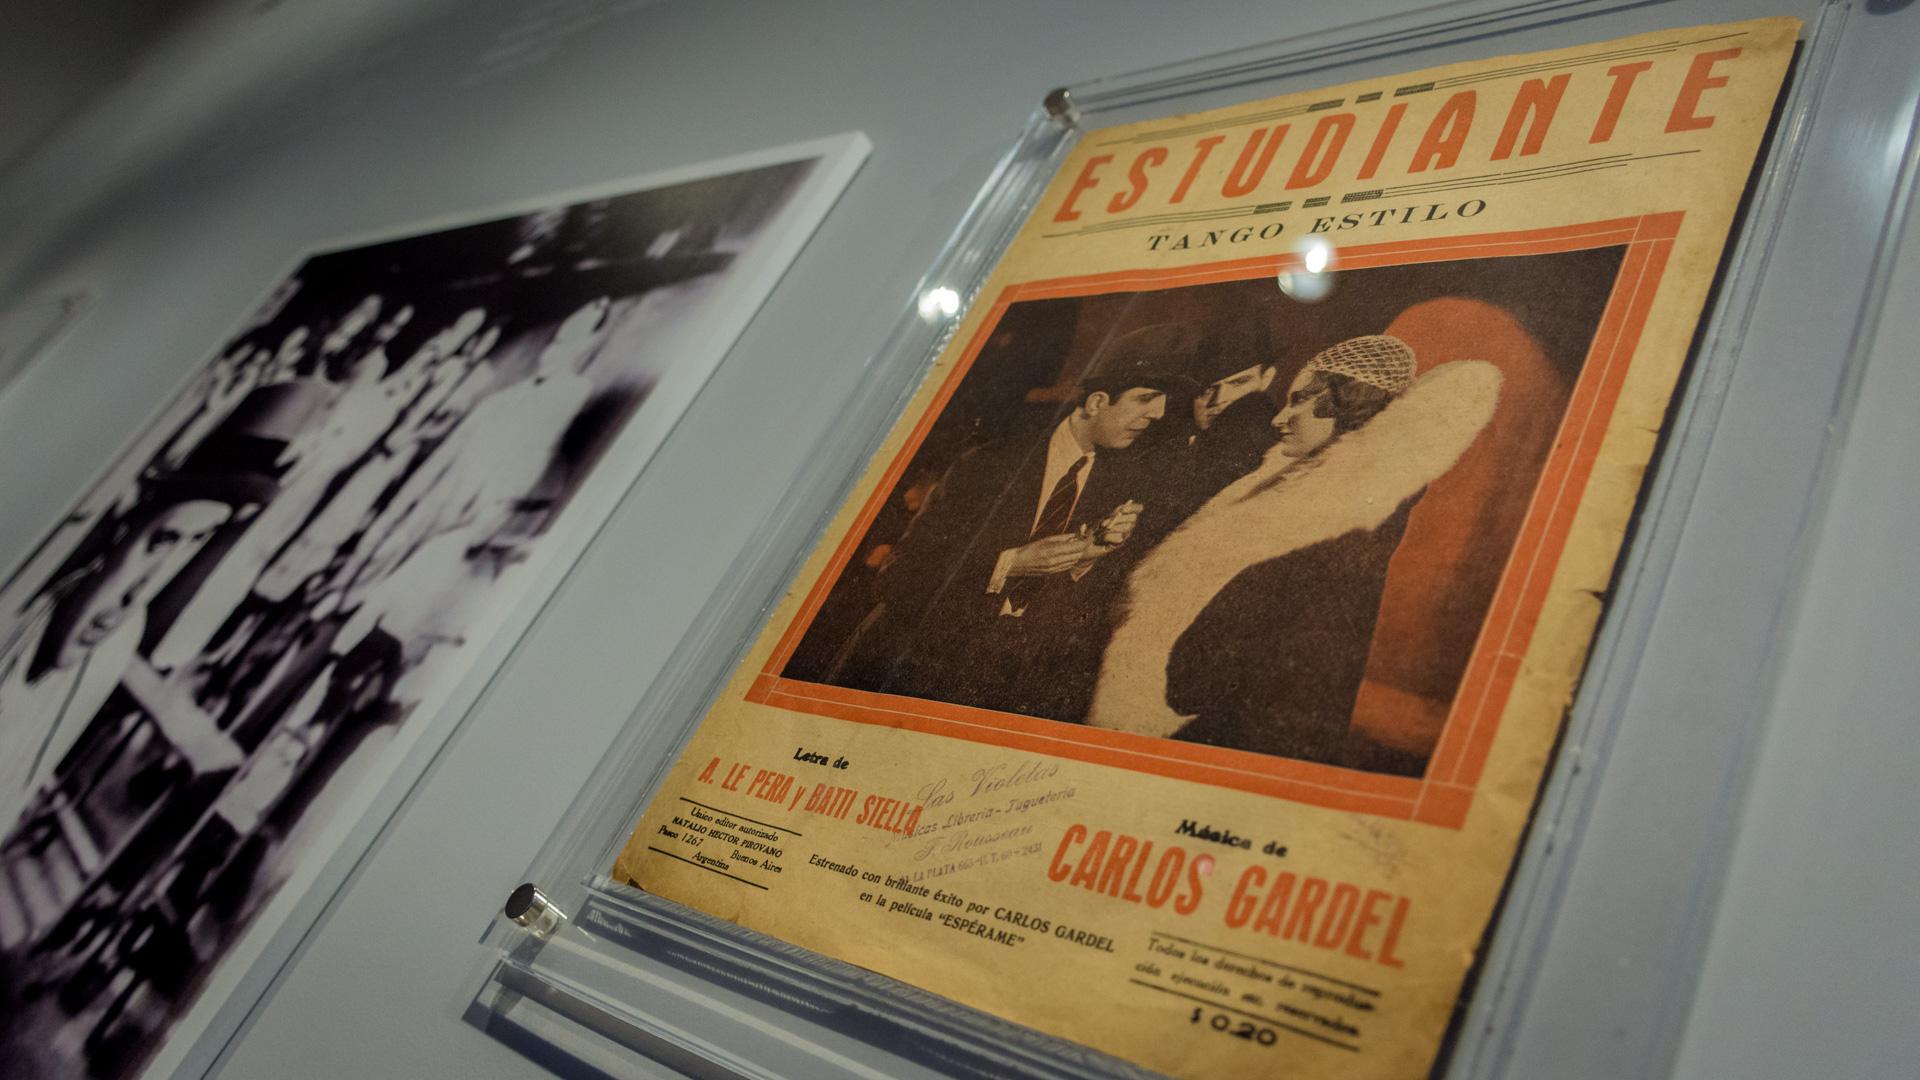 """Partitura original del tango """"Estudiante"""". (Martín Rosenzveig)"""